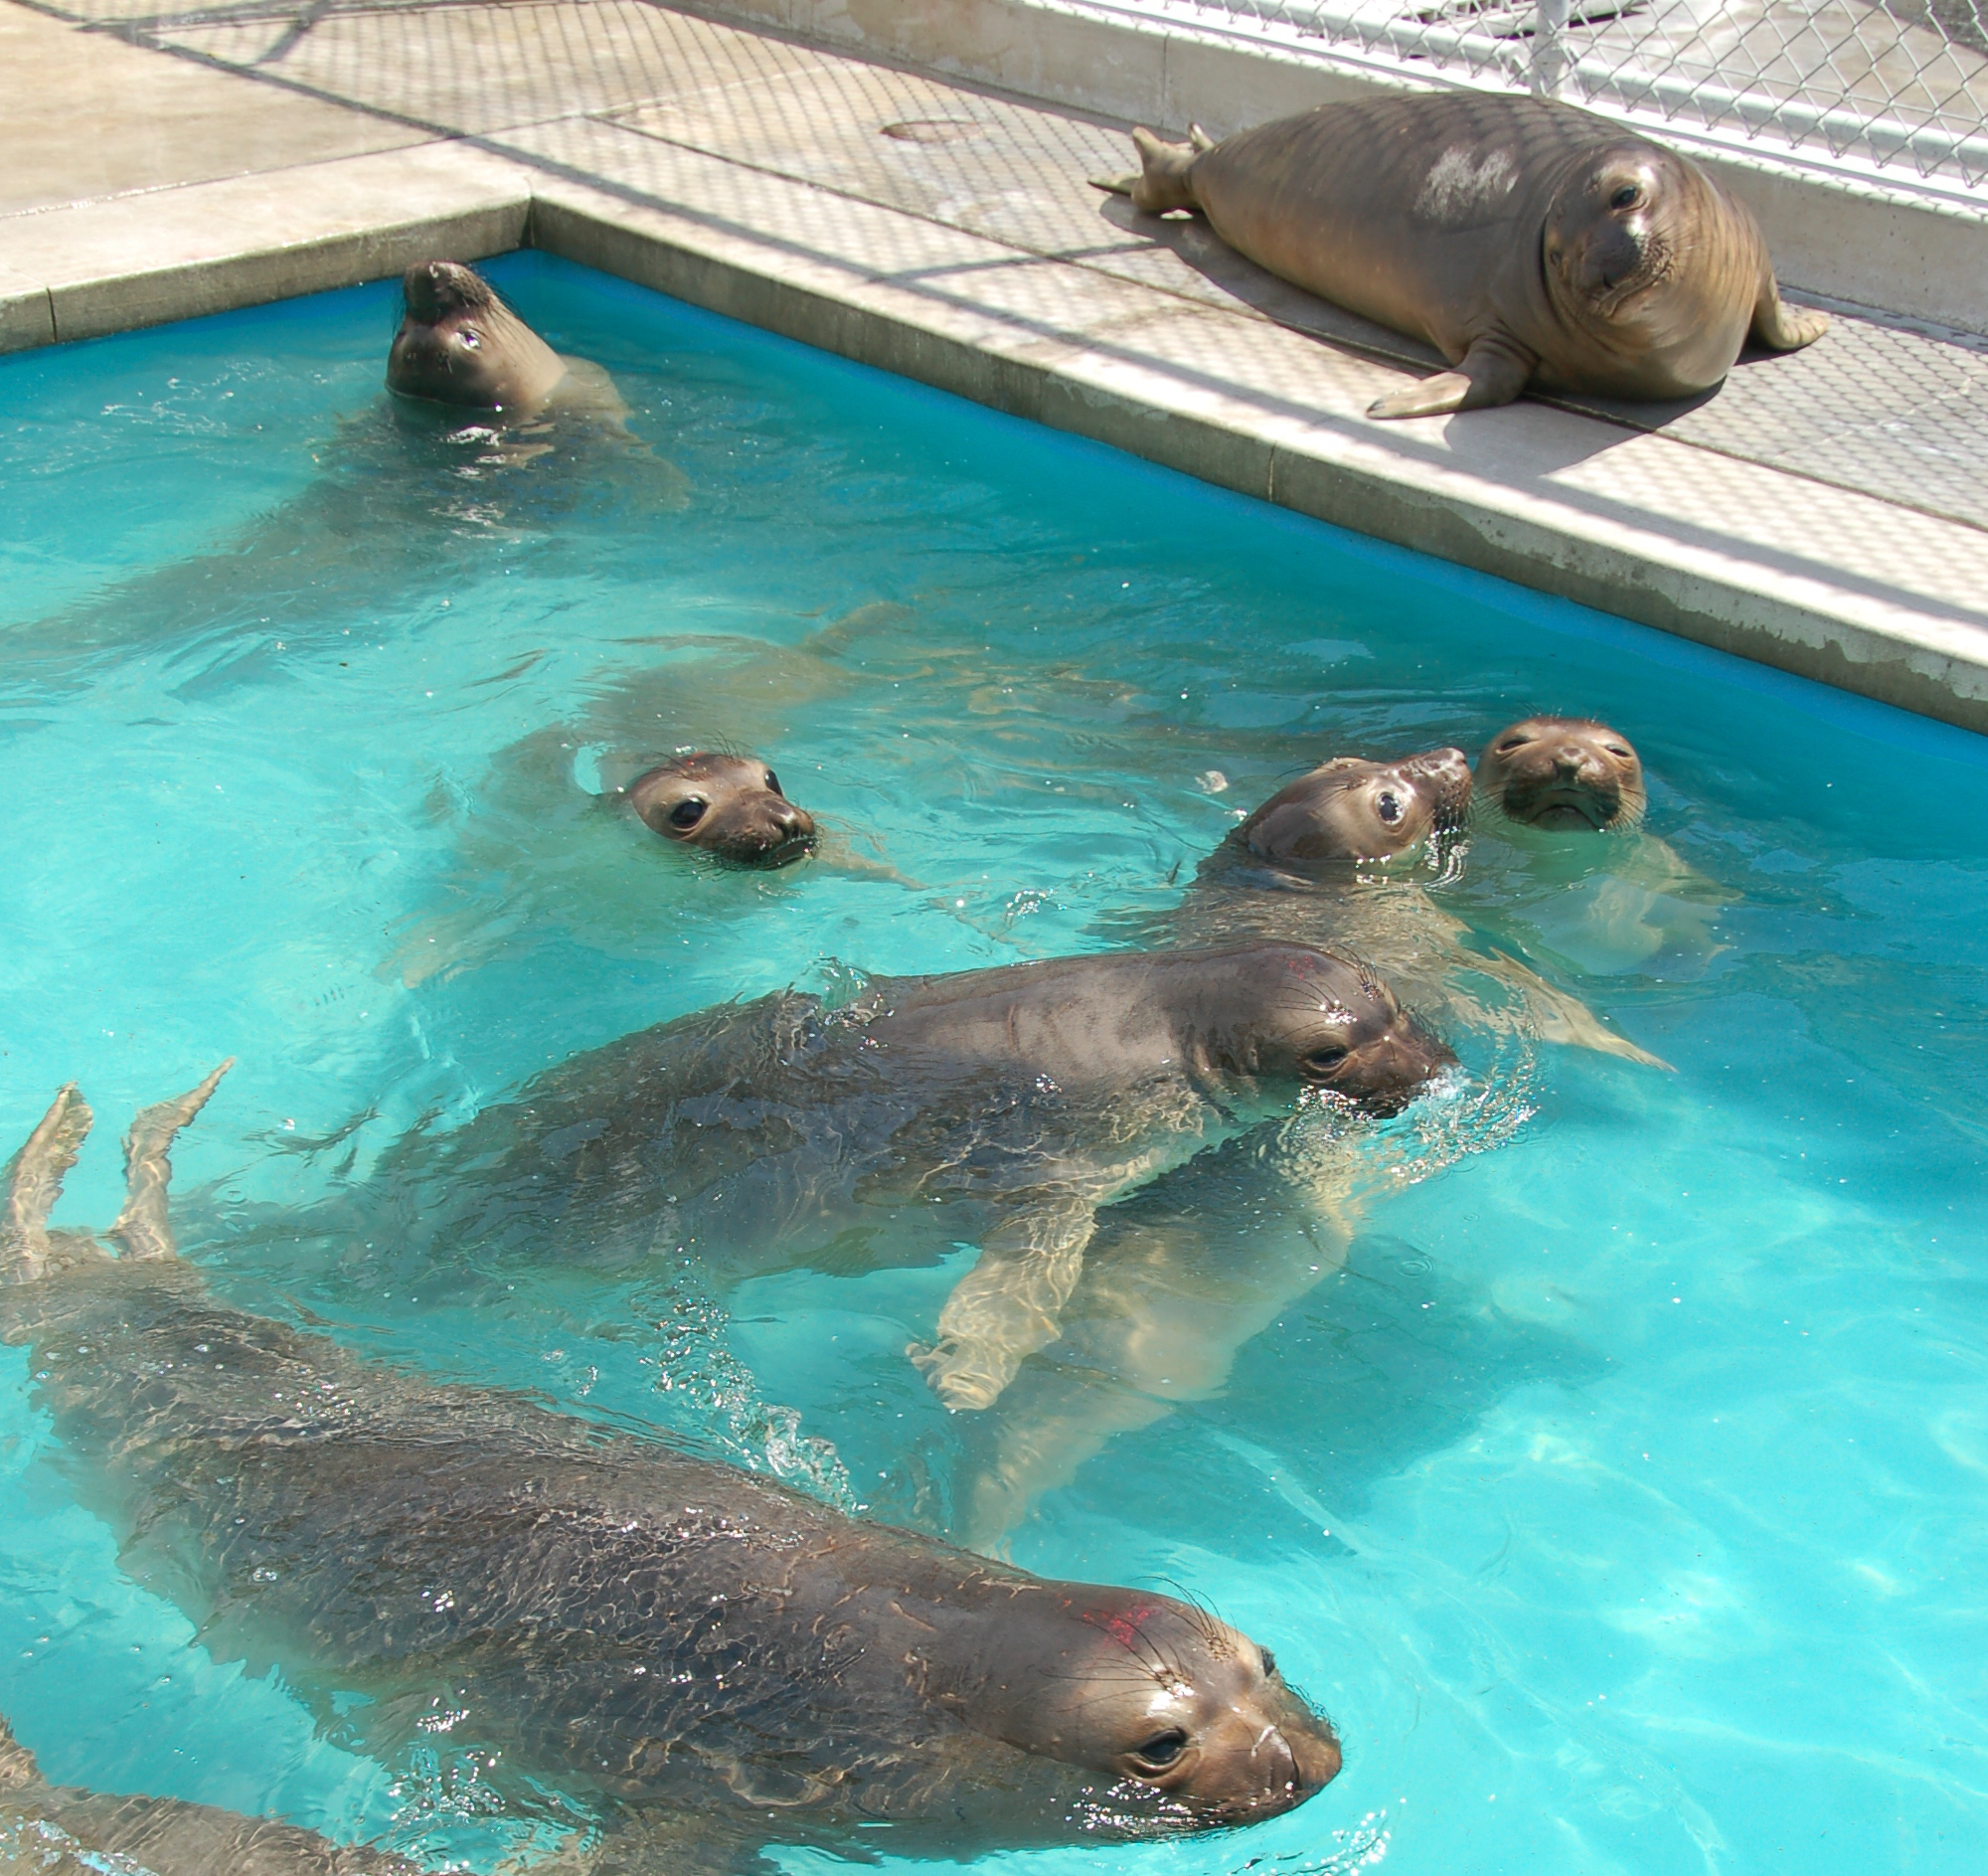 bunch of ellies in pool.jpg